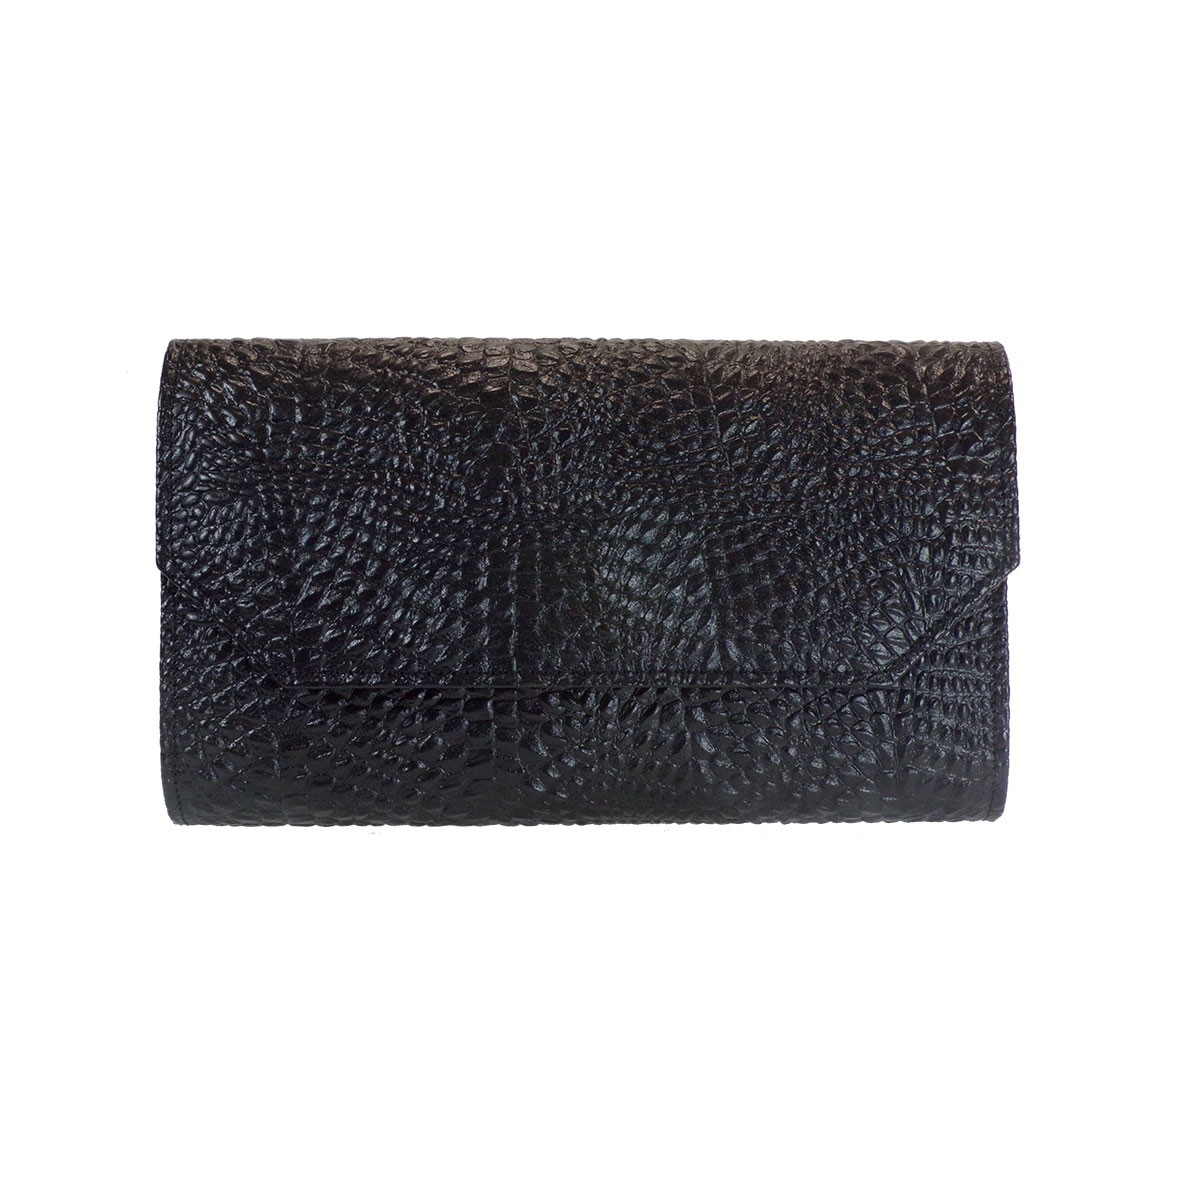 Bagiota Shoes Bags Γυναικεία Βραδινά Τσαντάκια 1018 Μαύρο POT